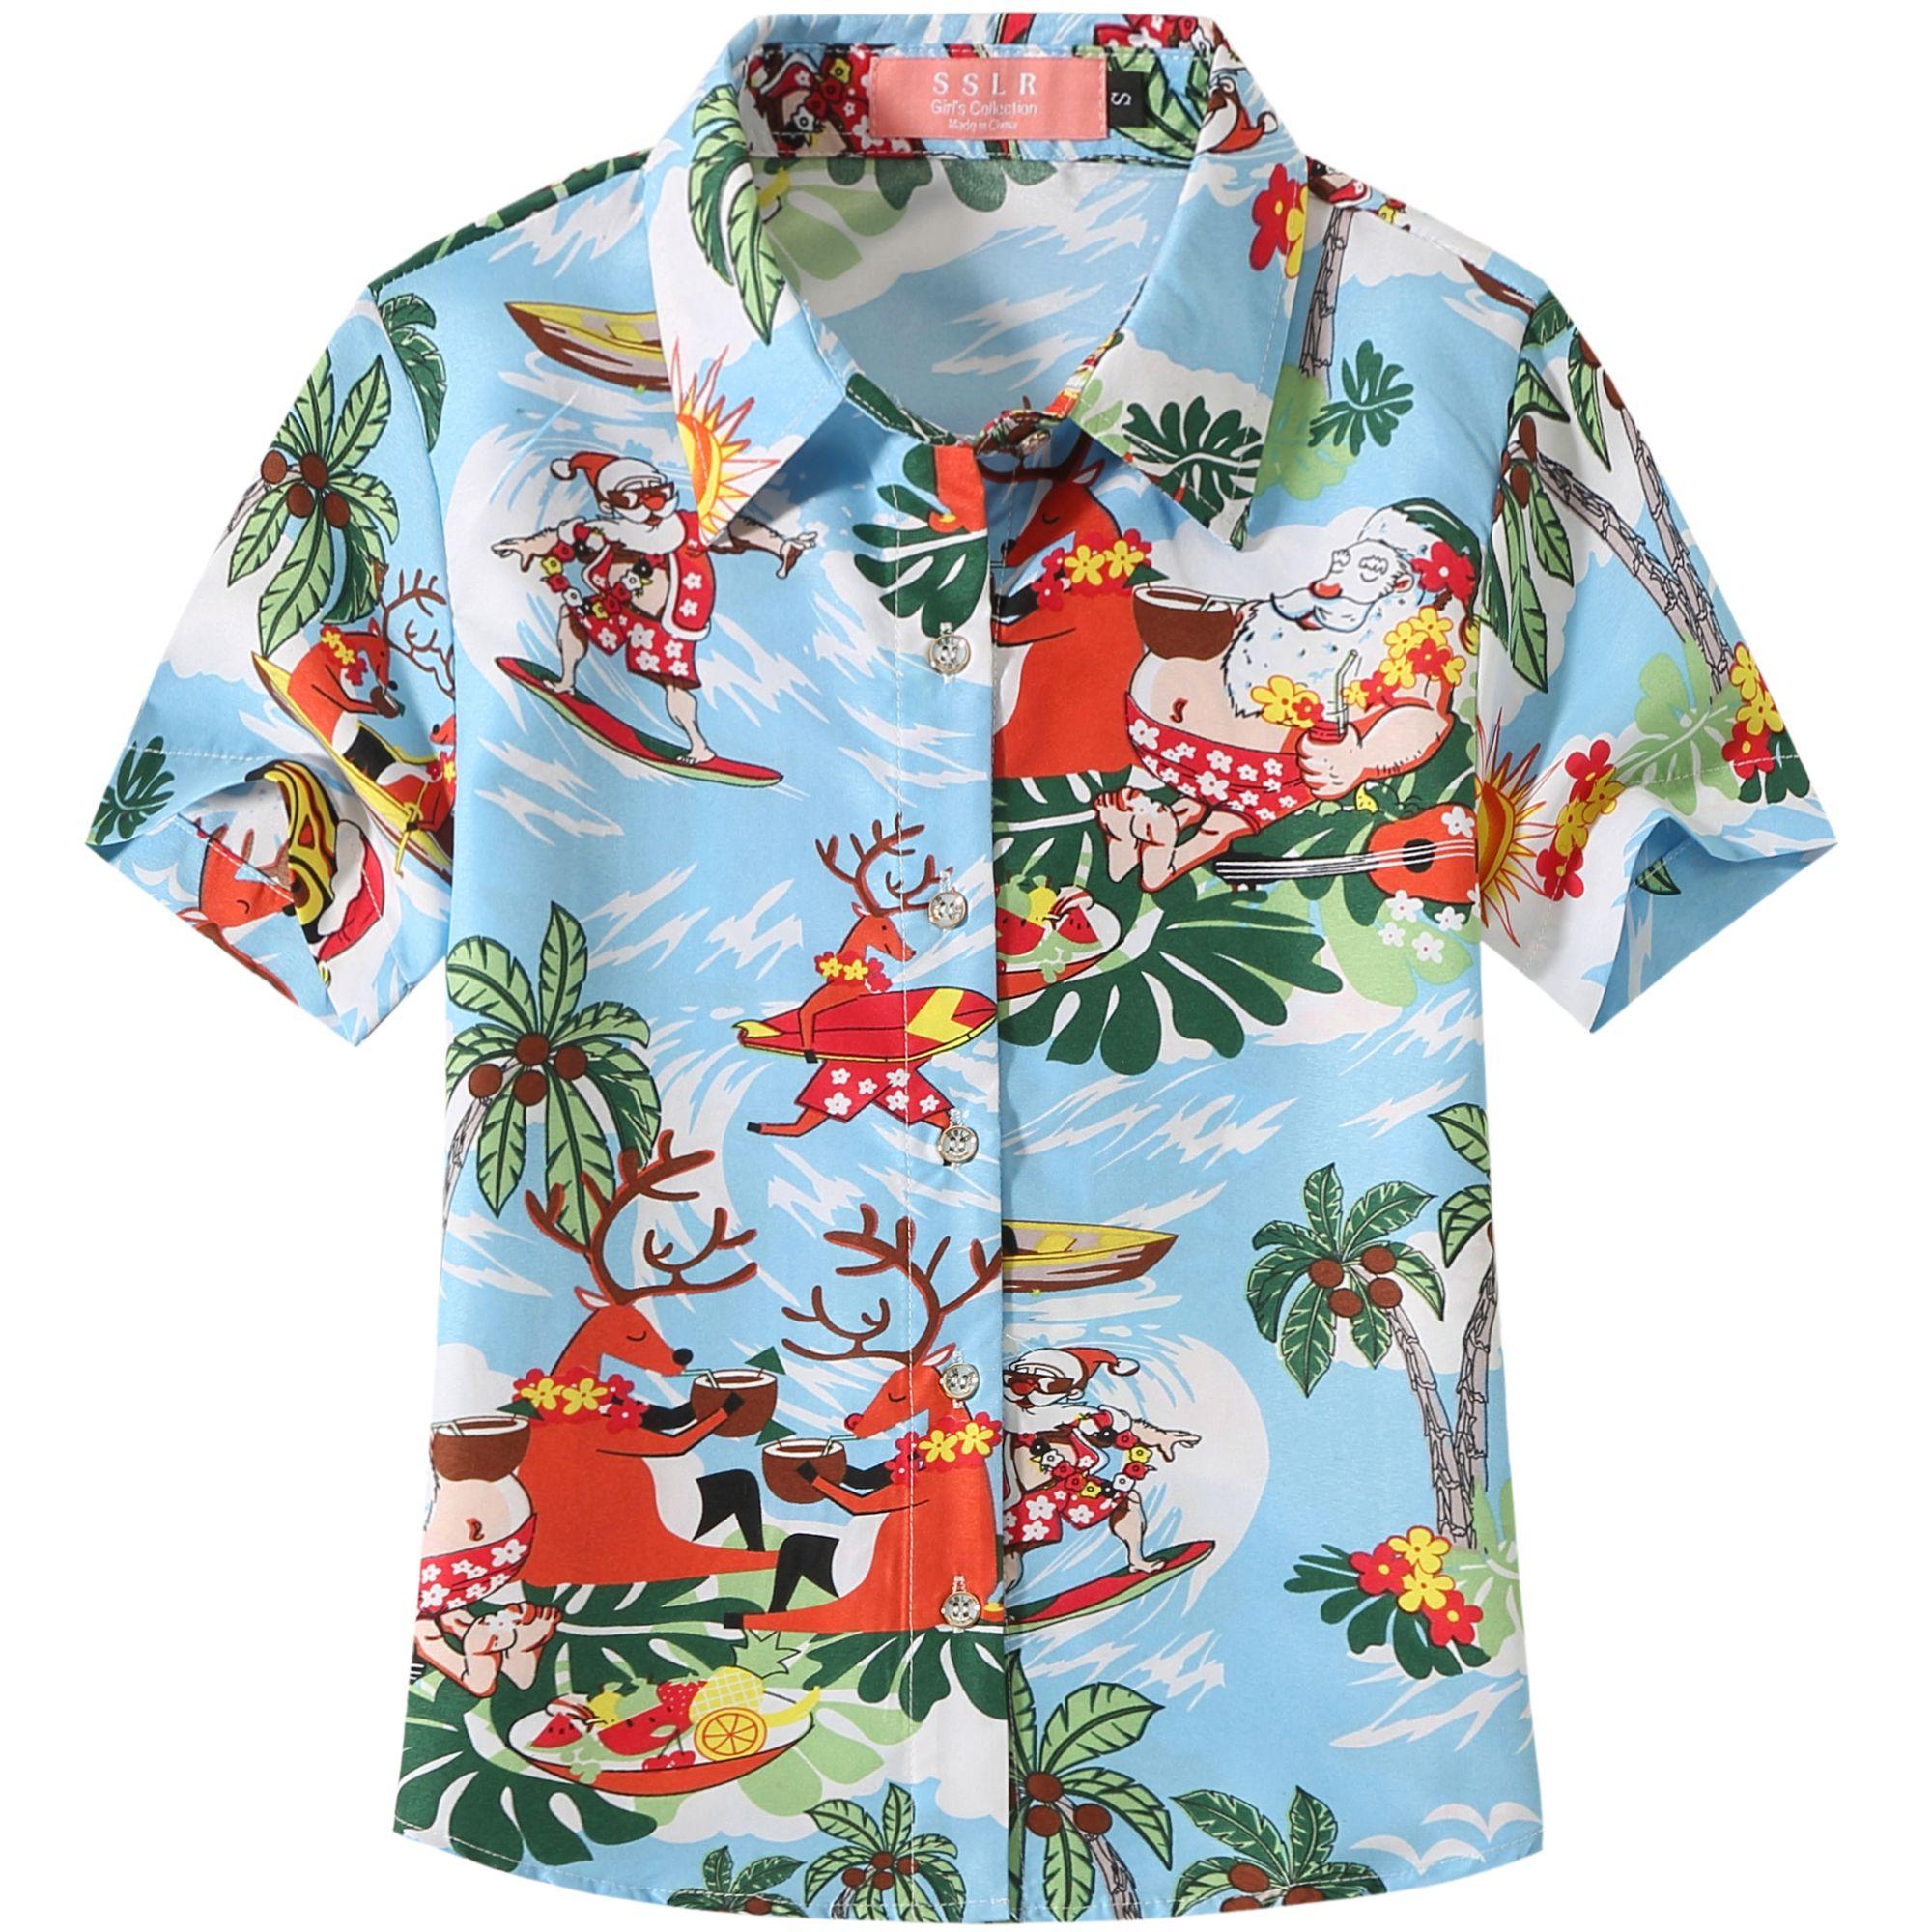 SSLR Big Boys Holiday Santa Claus Party Casual Ugly Hawaiian Christmas Shirts